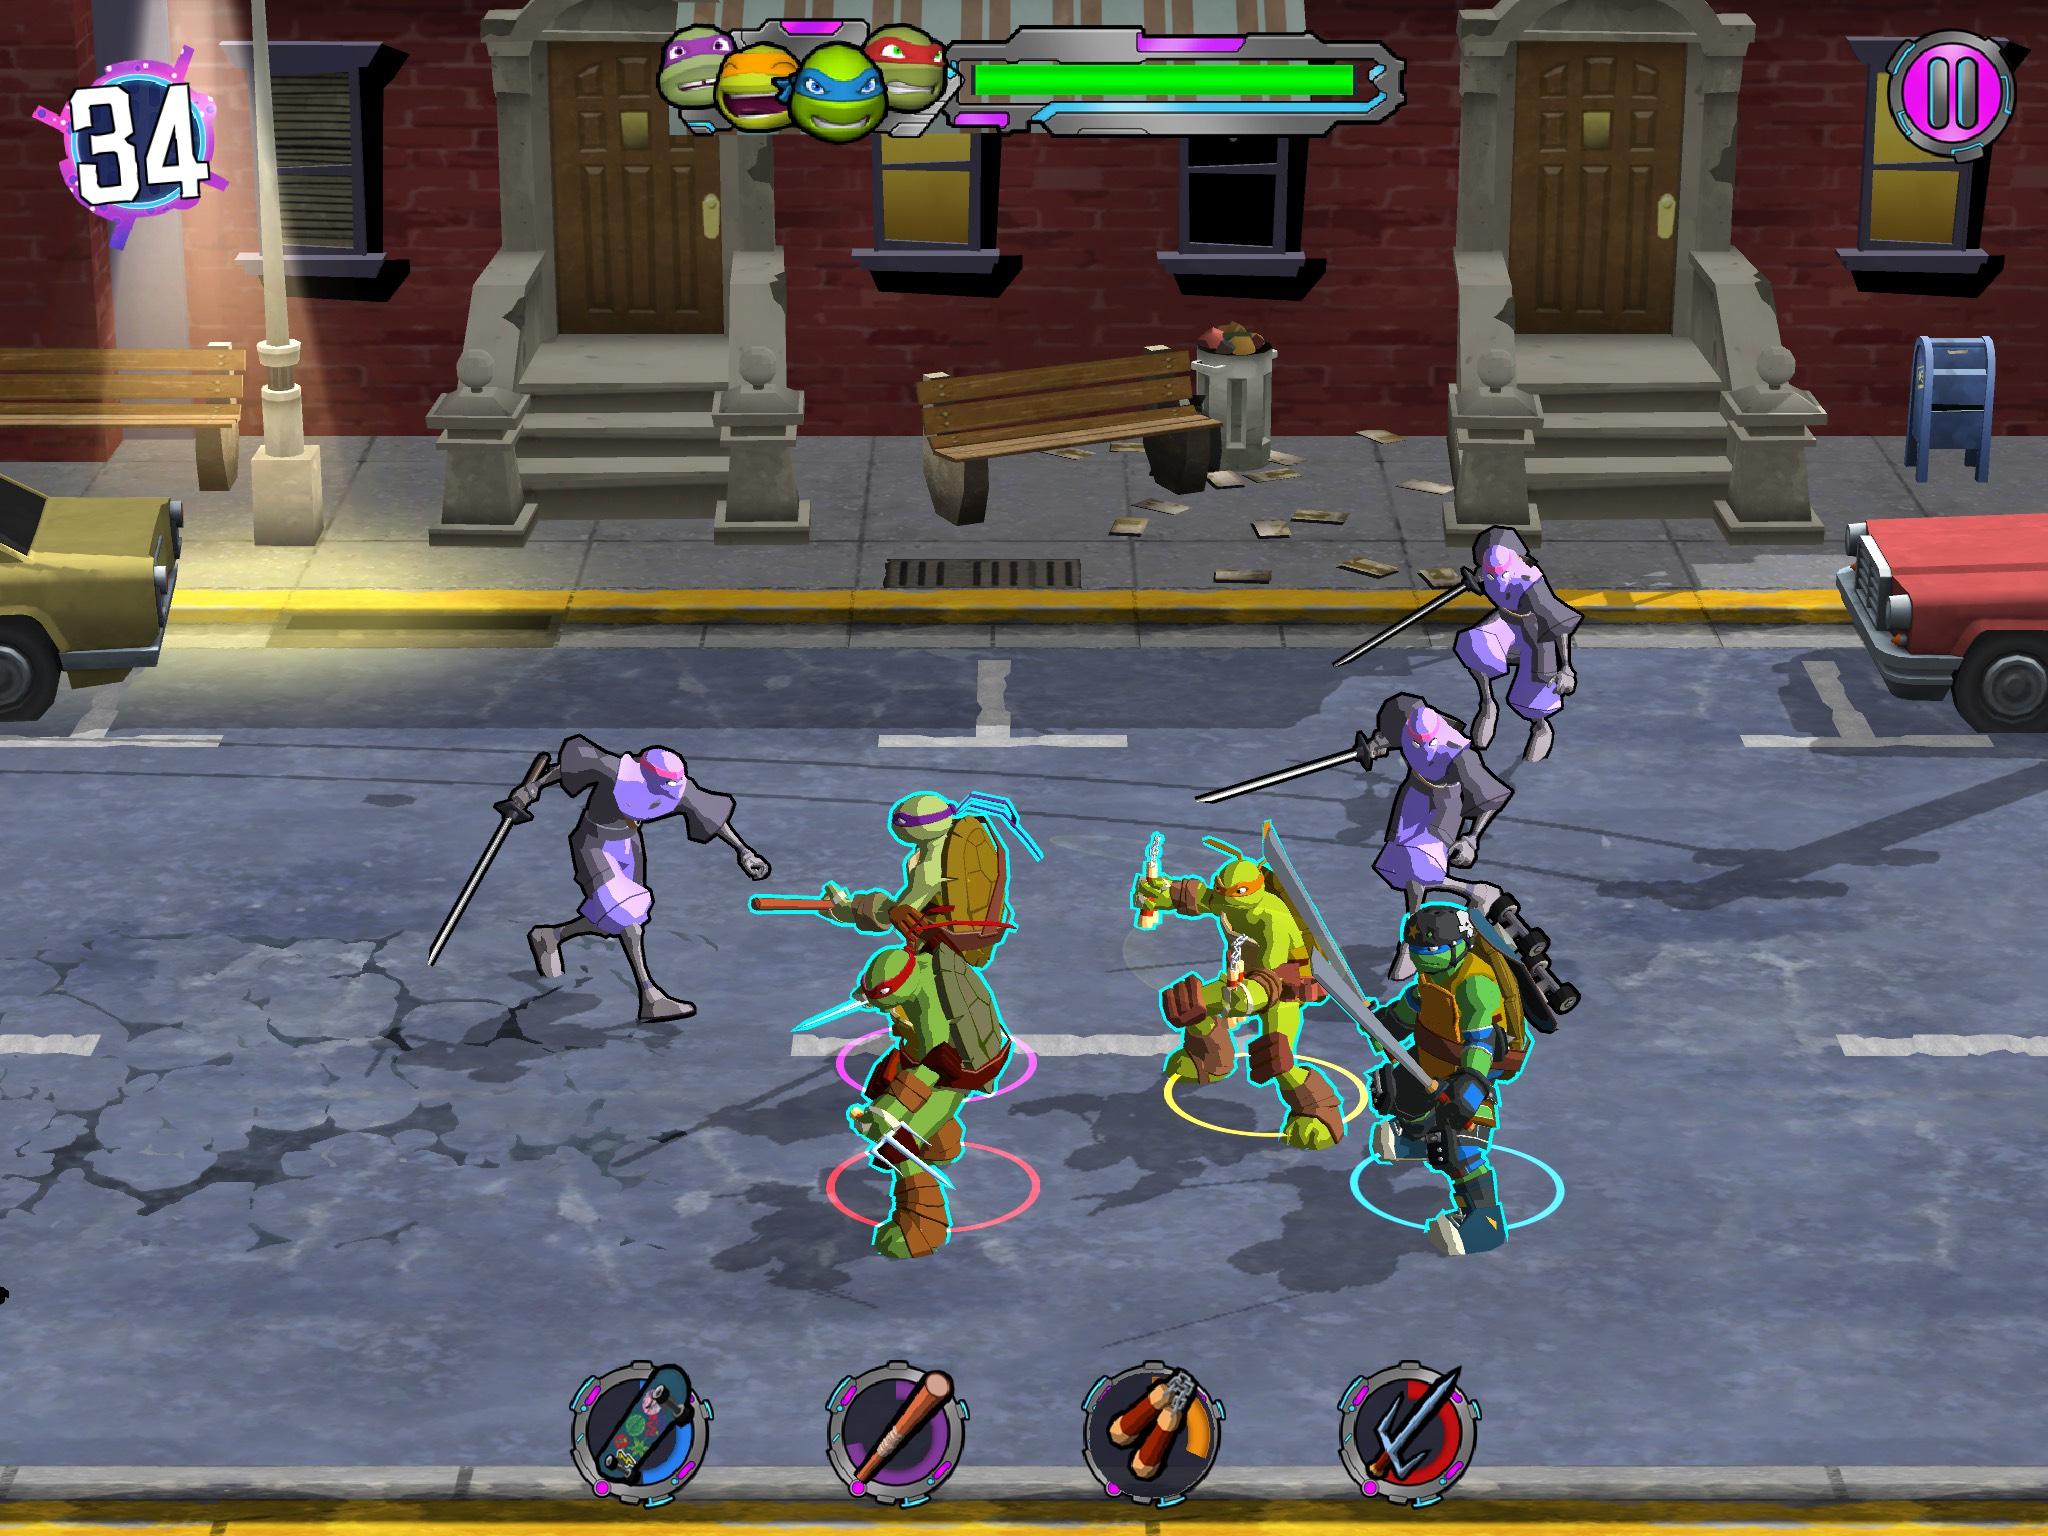 teenage mutant ninja turtle games - HD2048×1536